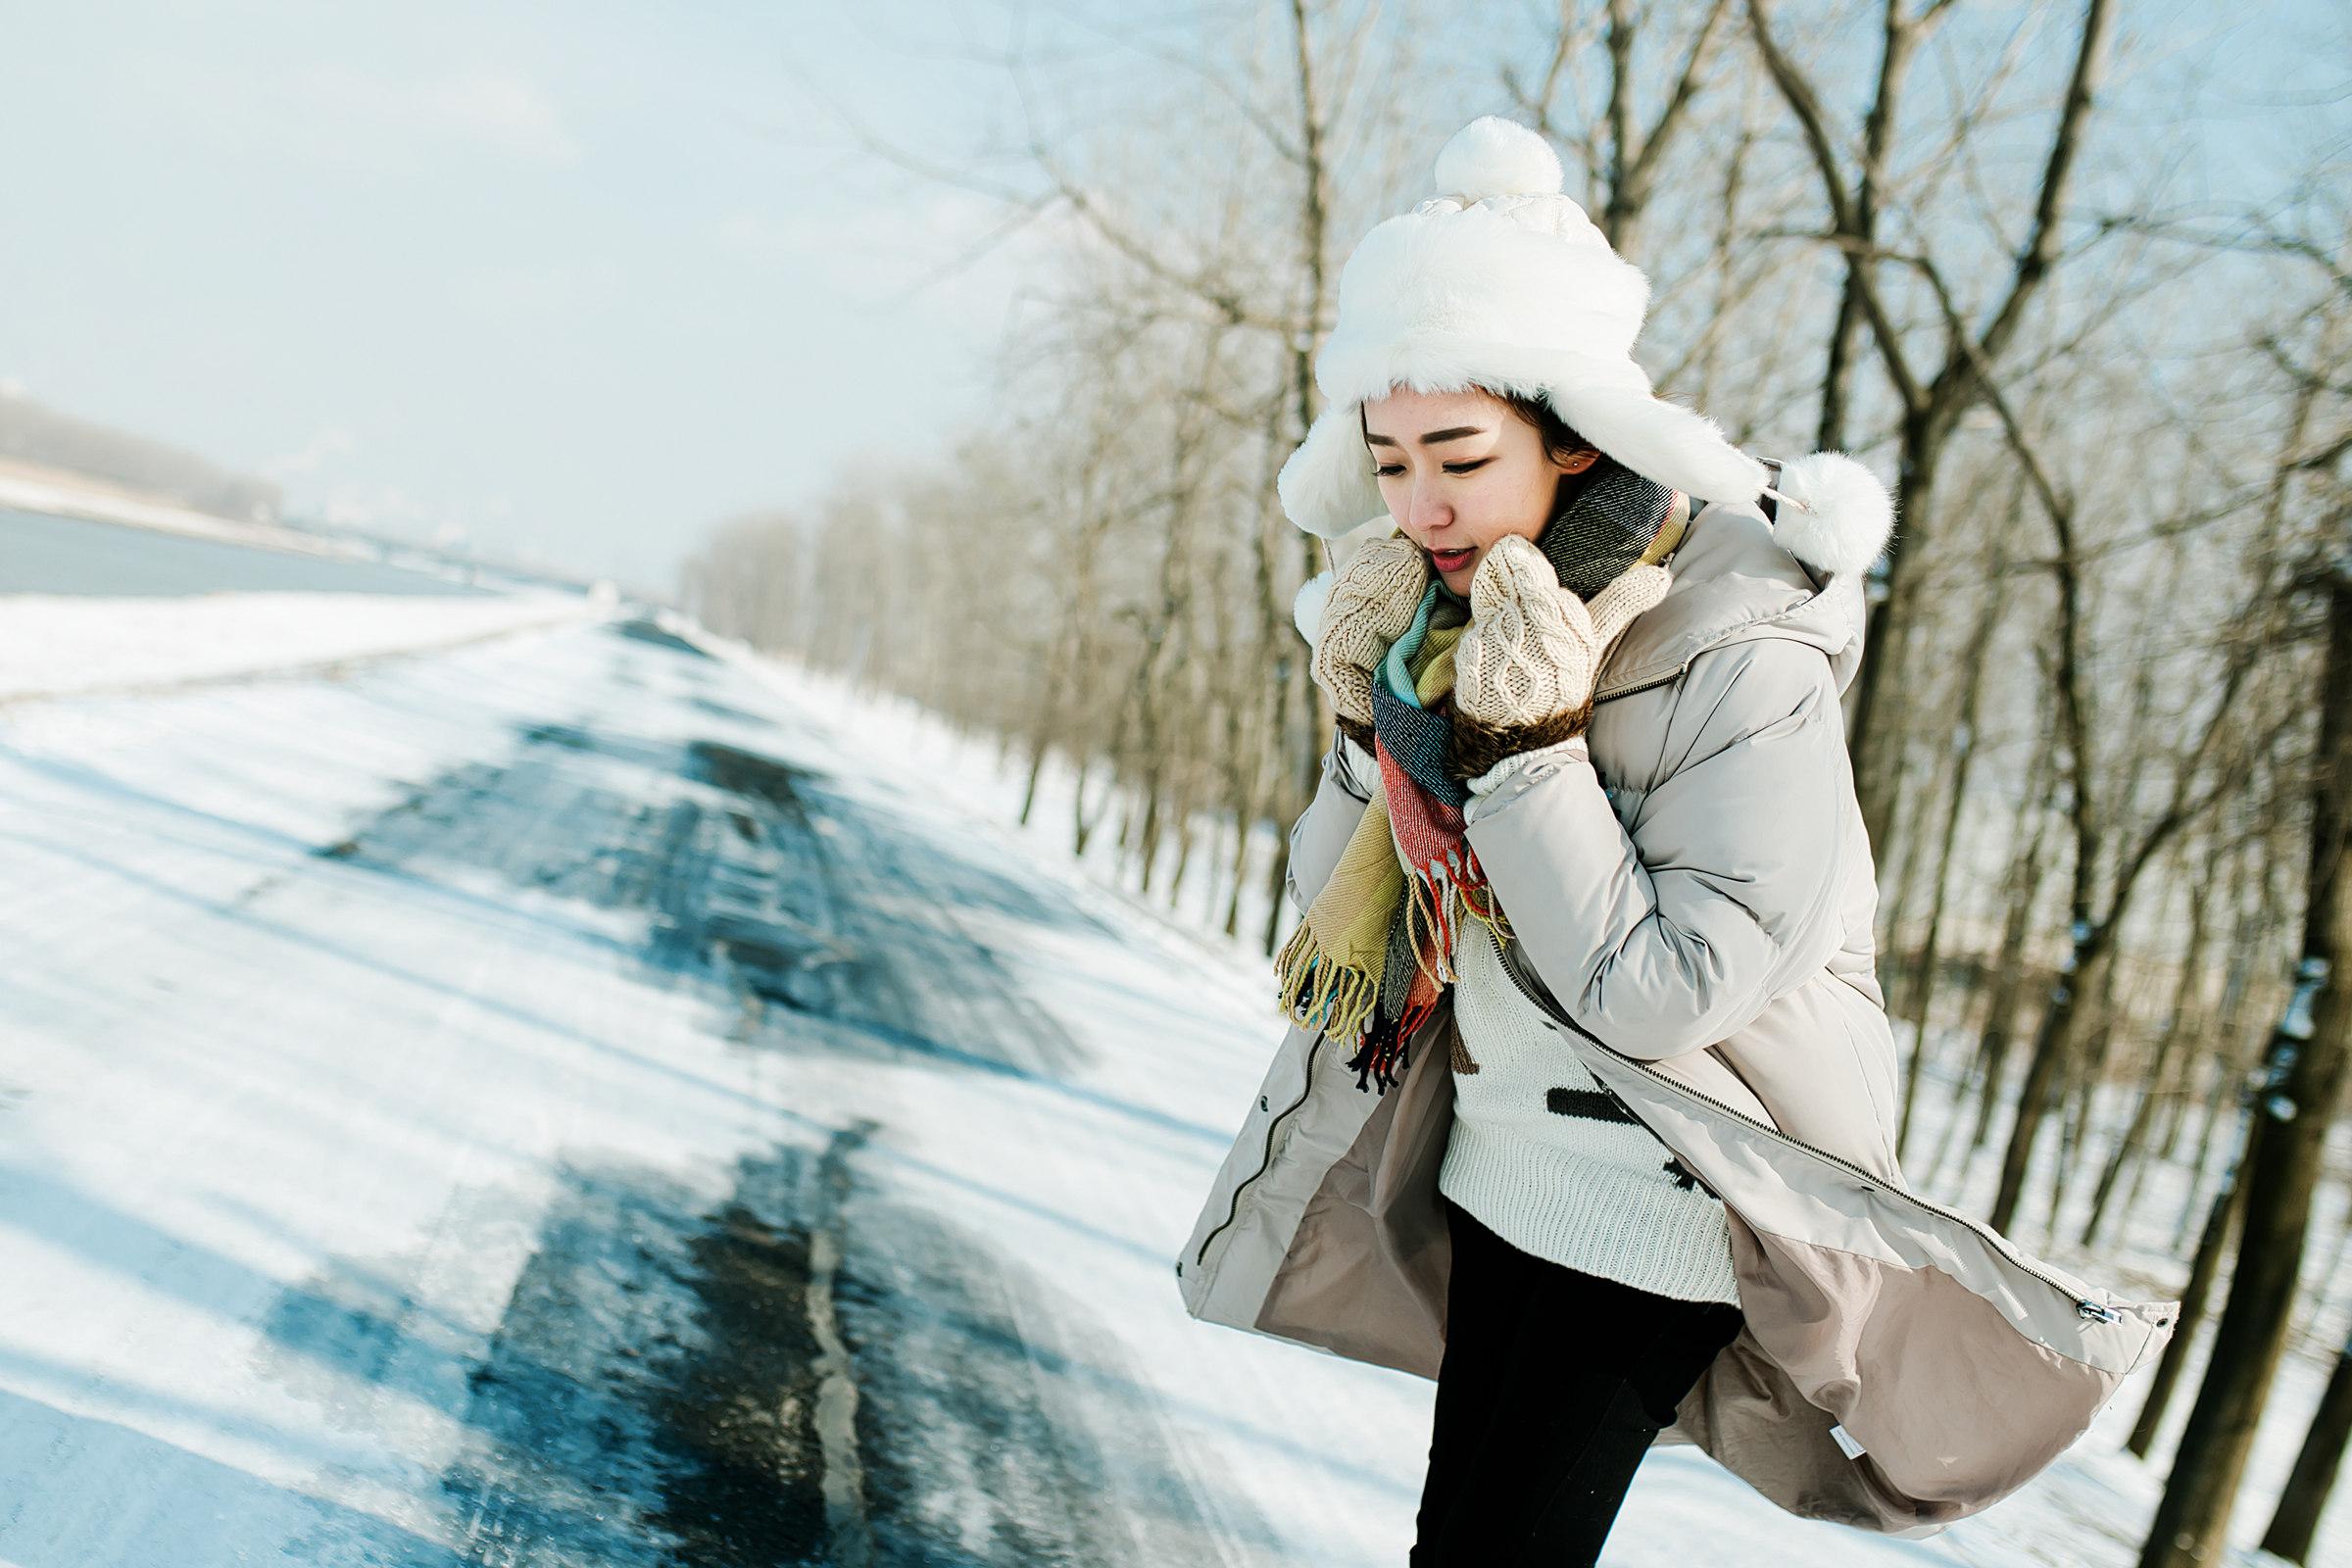 【人像摄影】冬雪恋歌  -  花仙子 - 花仙子的网易博客